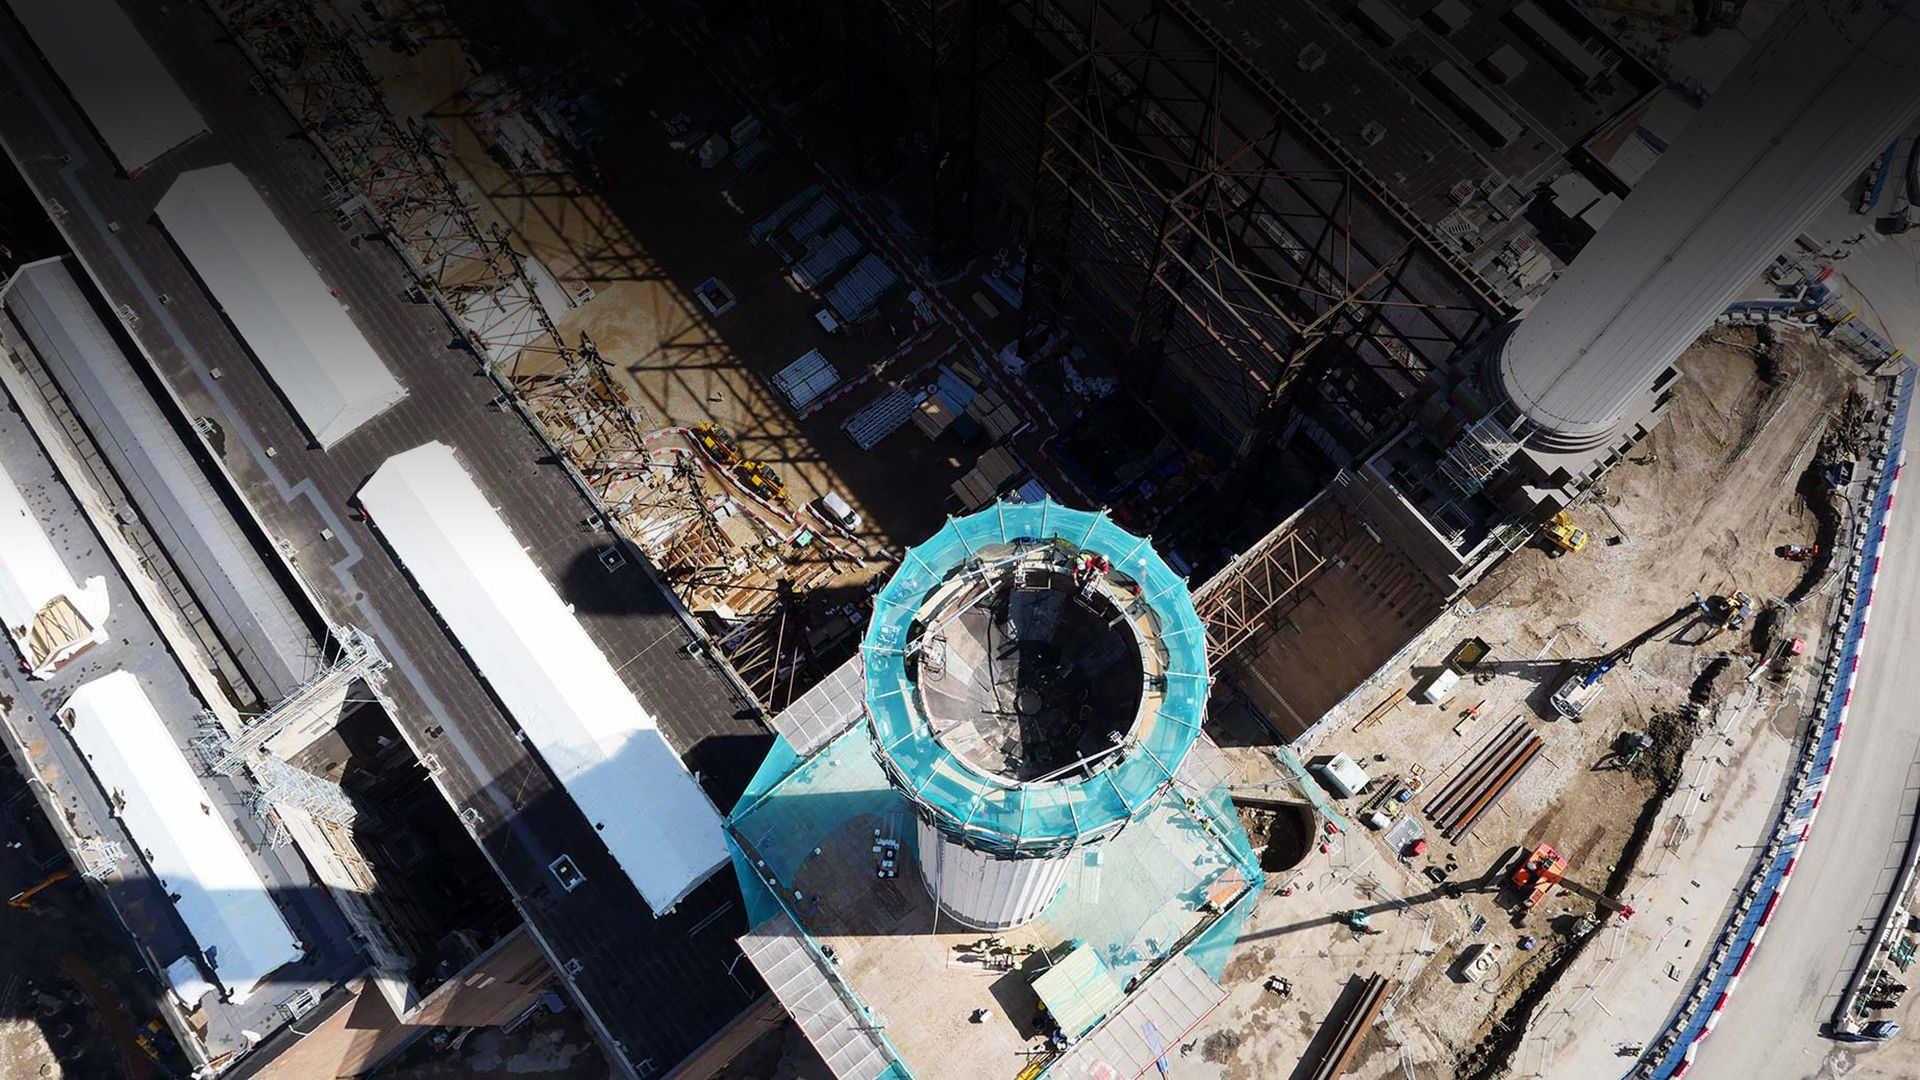 Portada accessdrone imagen aerea inspeccion industrial